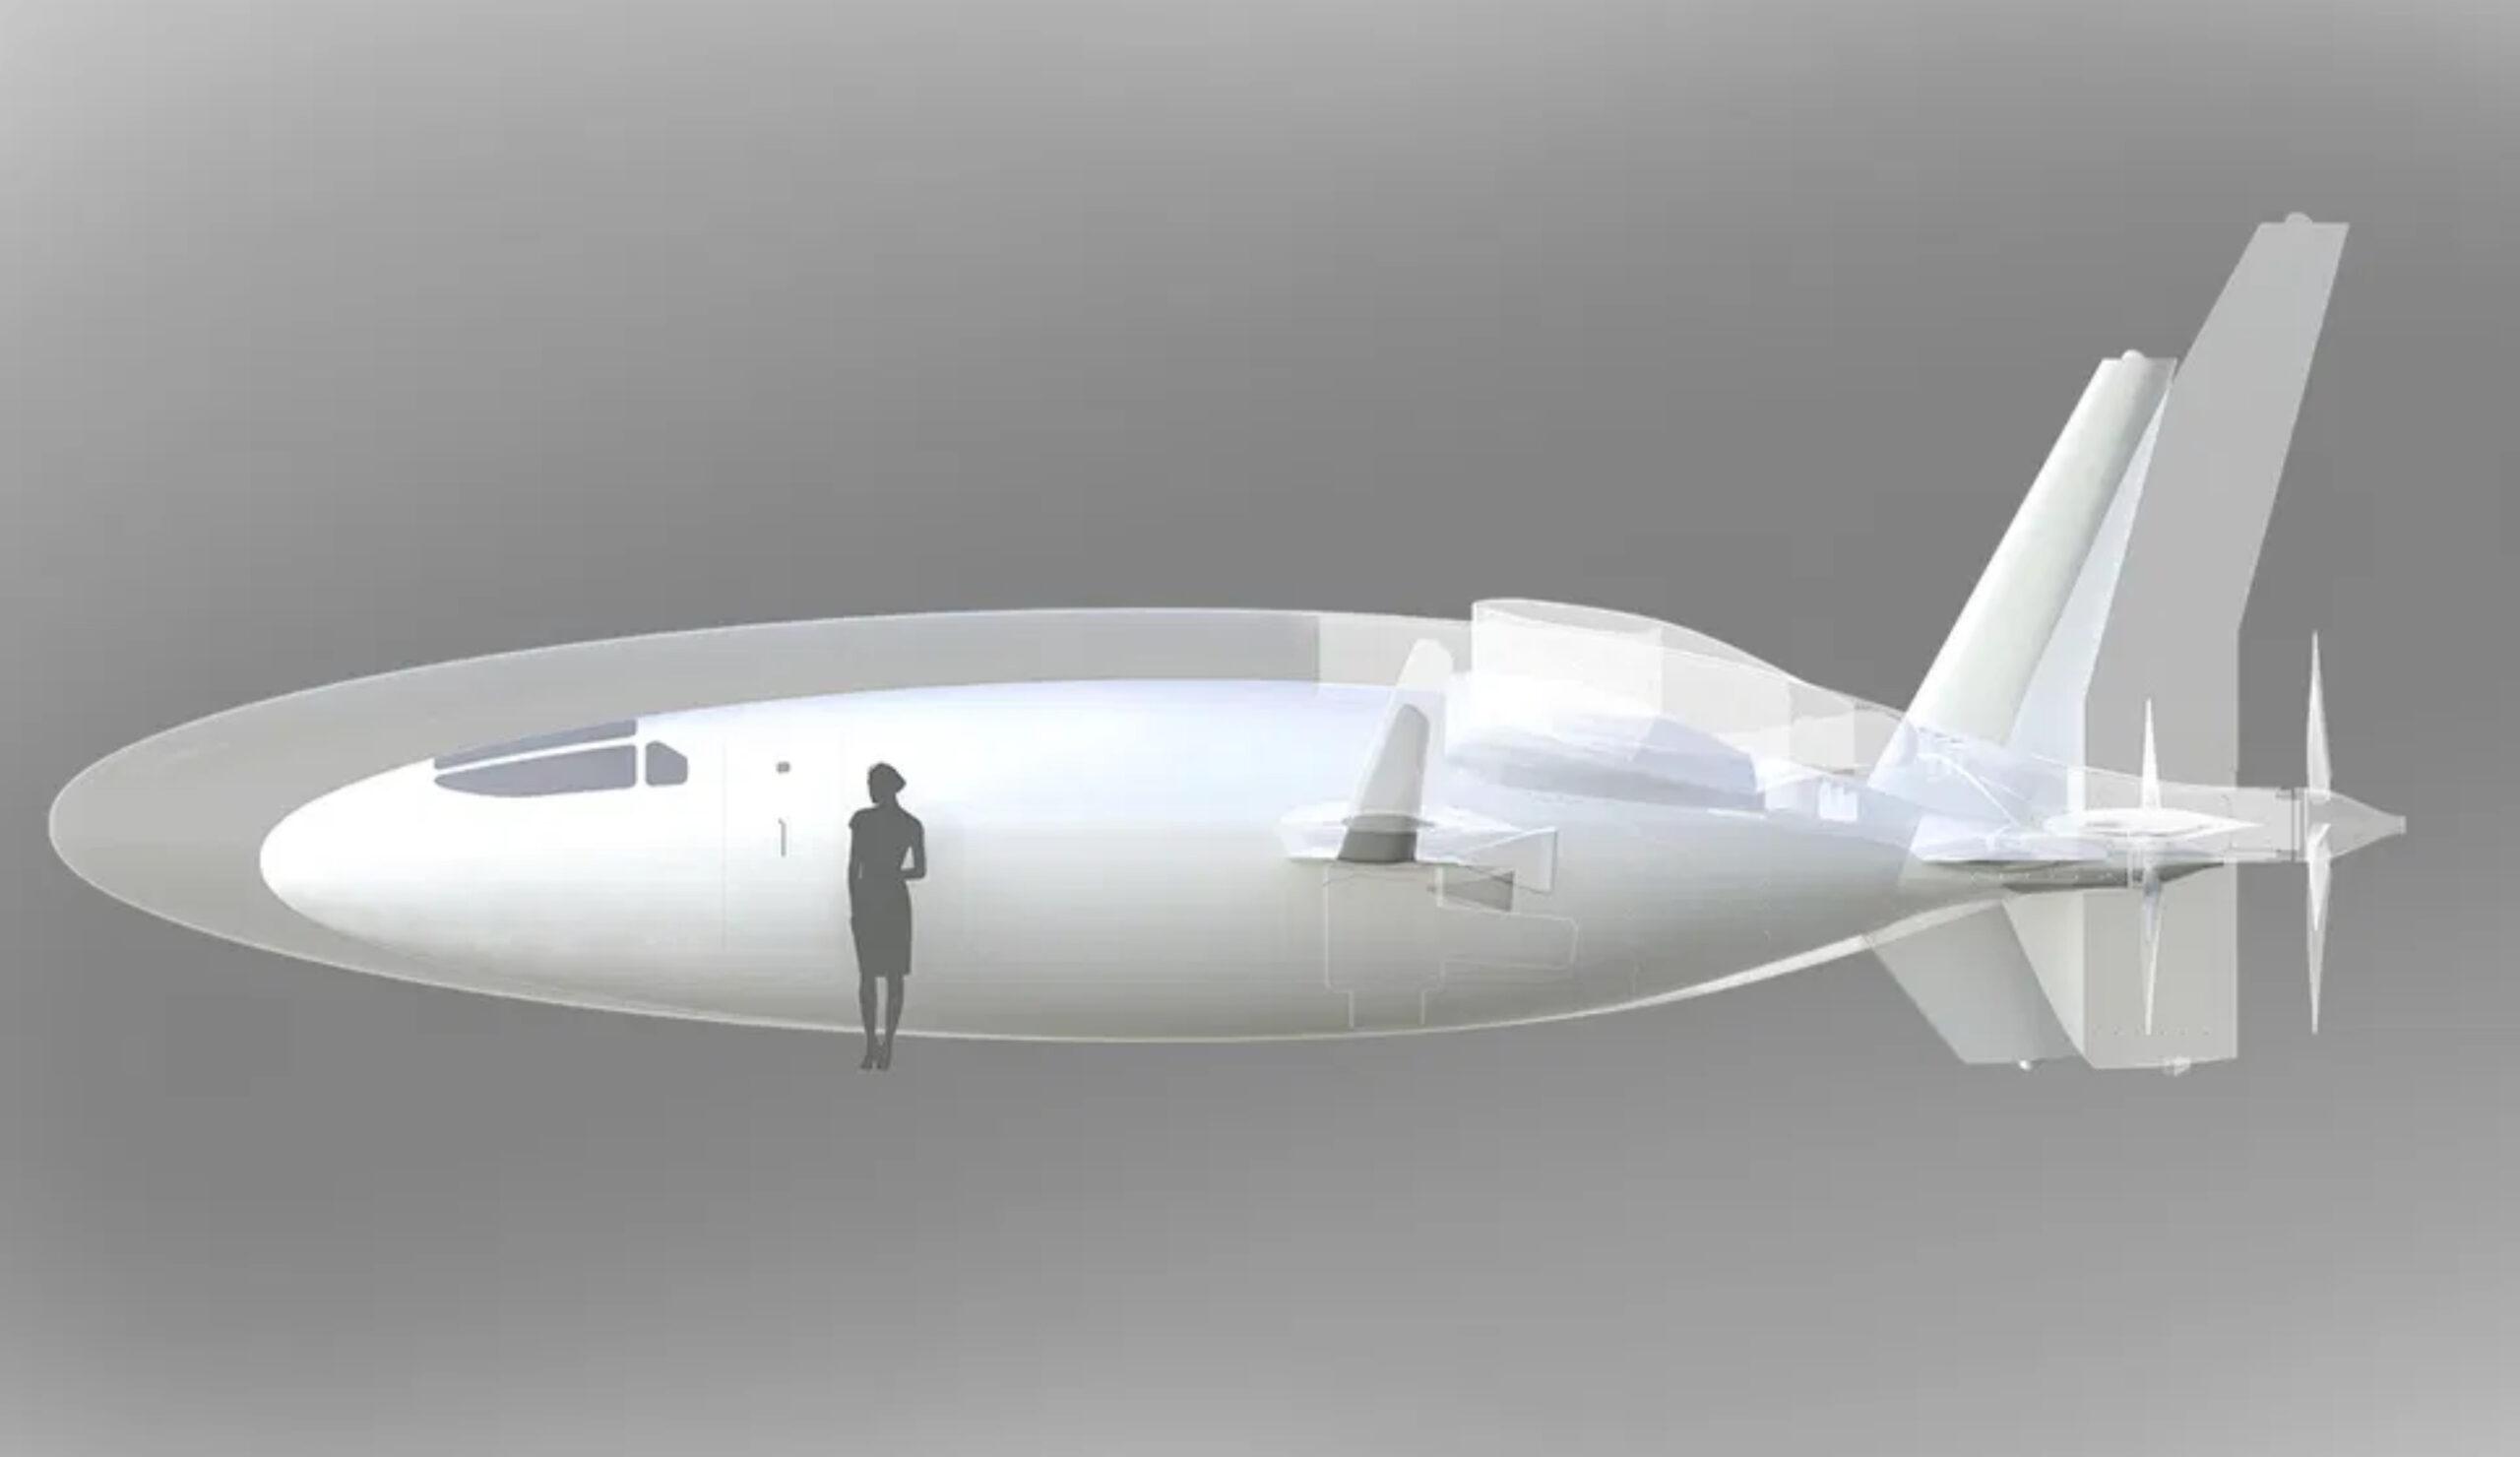 Вместо дотаций на полёты – эволюция в авиации